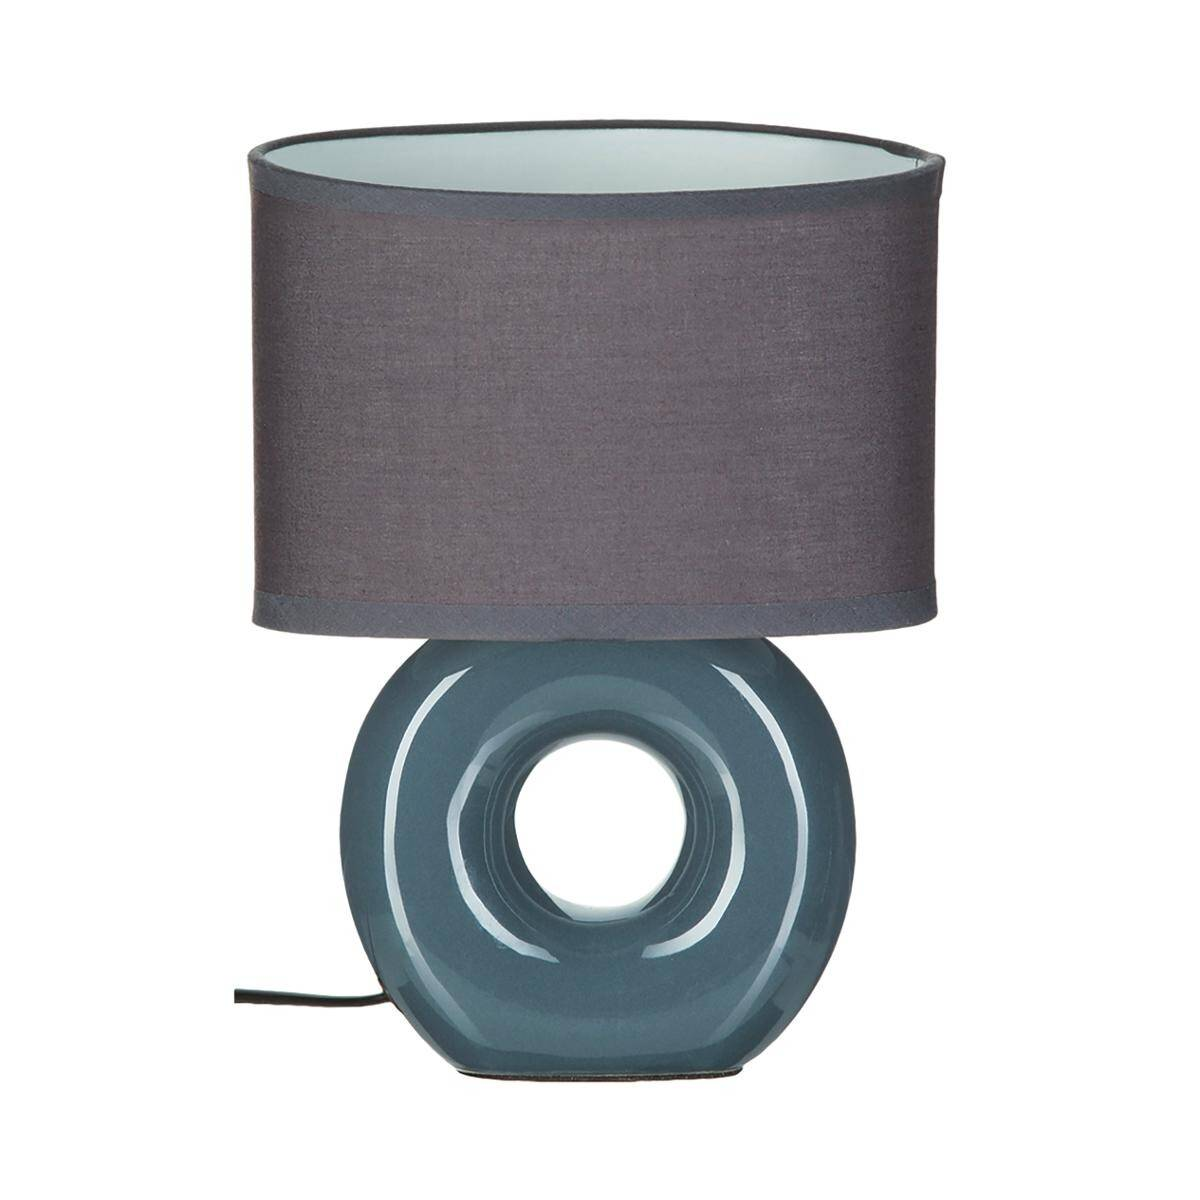 Atmosphera Lampe 'Baru', bleu orage et gris, grès H26 cm